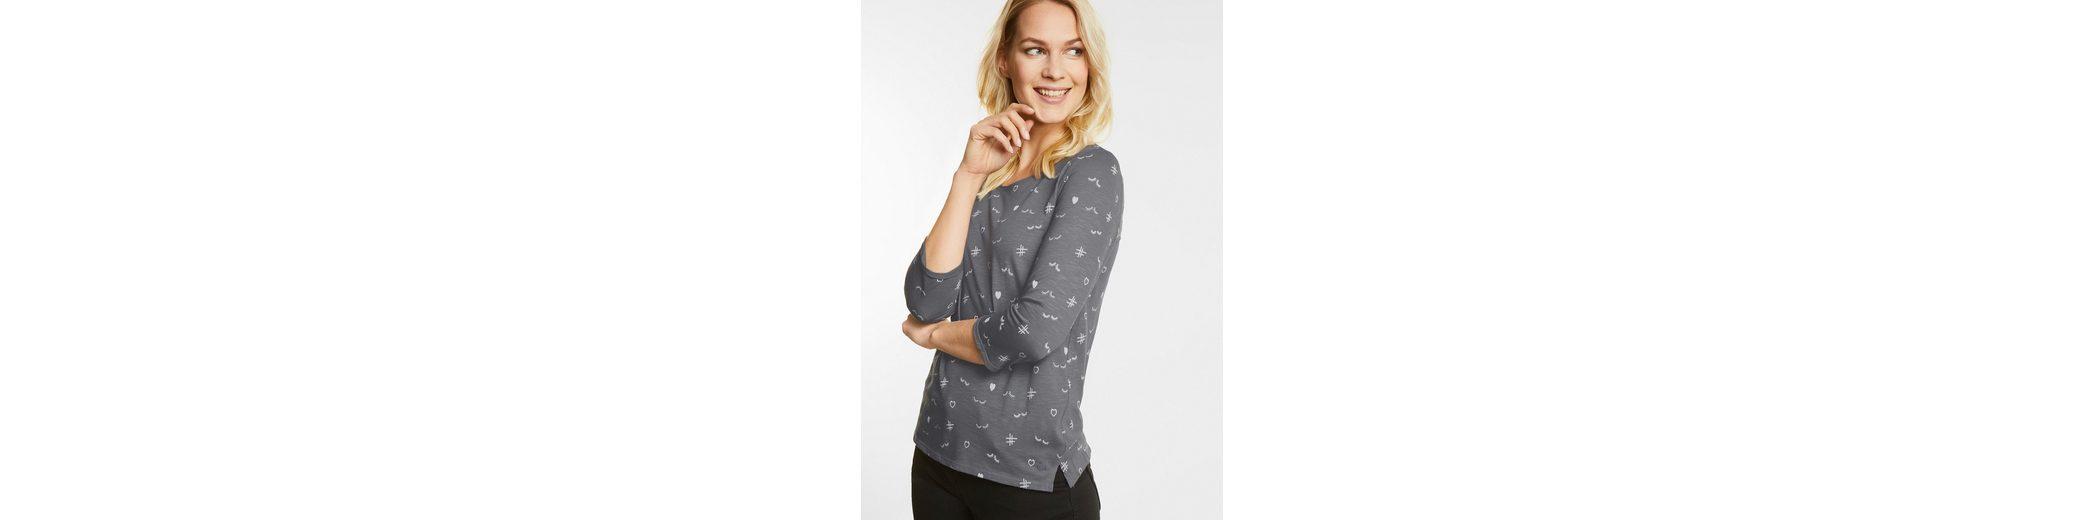 CECIL Symbol Print Shirt Billig Verkauf Erkunden Shop Online-Verkauf Kauf Günstig Kaufen Offiziellen 7u7xjc